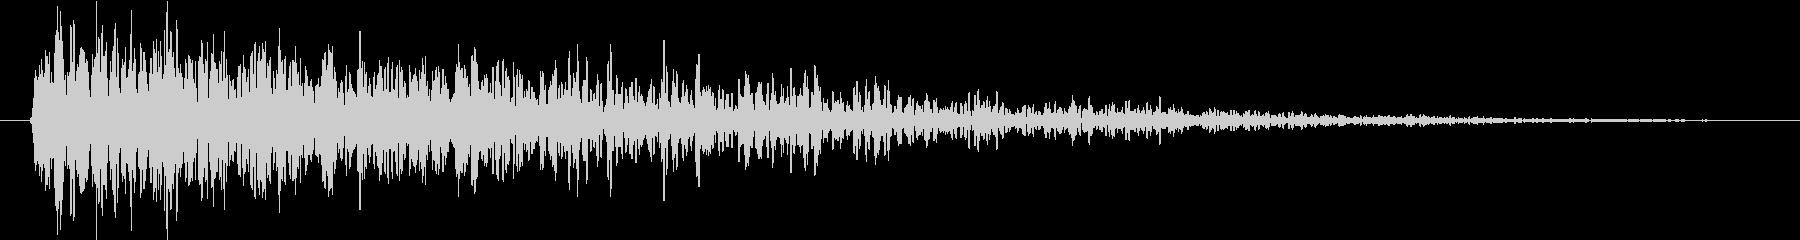 衝撃 インパクトヒット01の未再生の波形